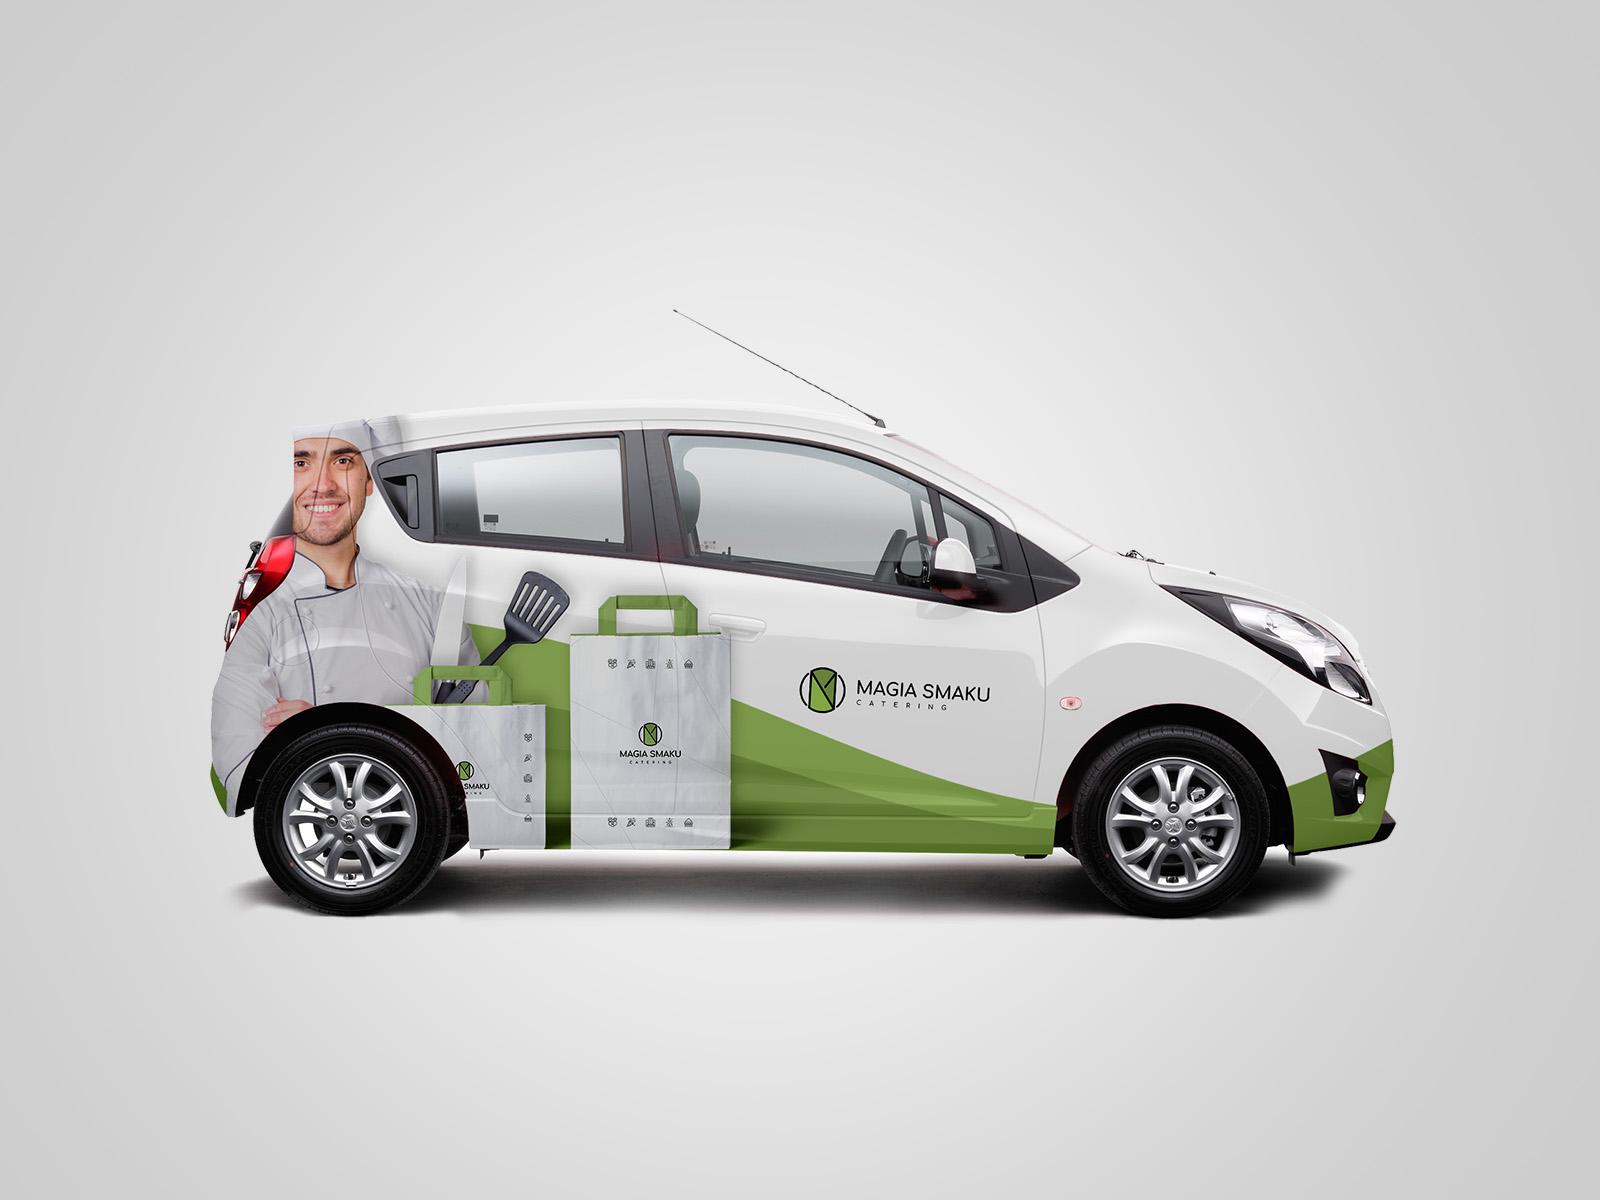 Projekt graficzny oklejenia samochodu dla firmy Magia Smaku